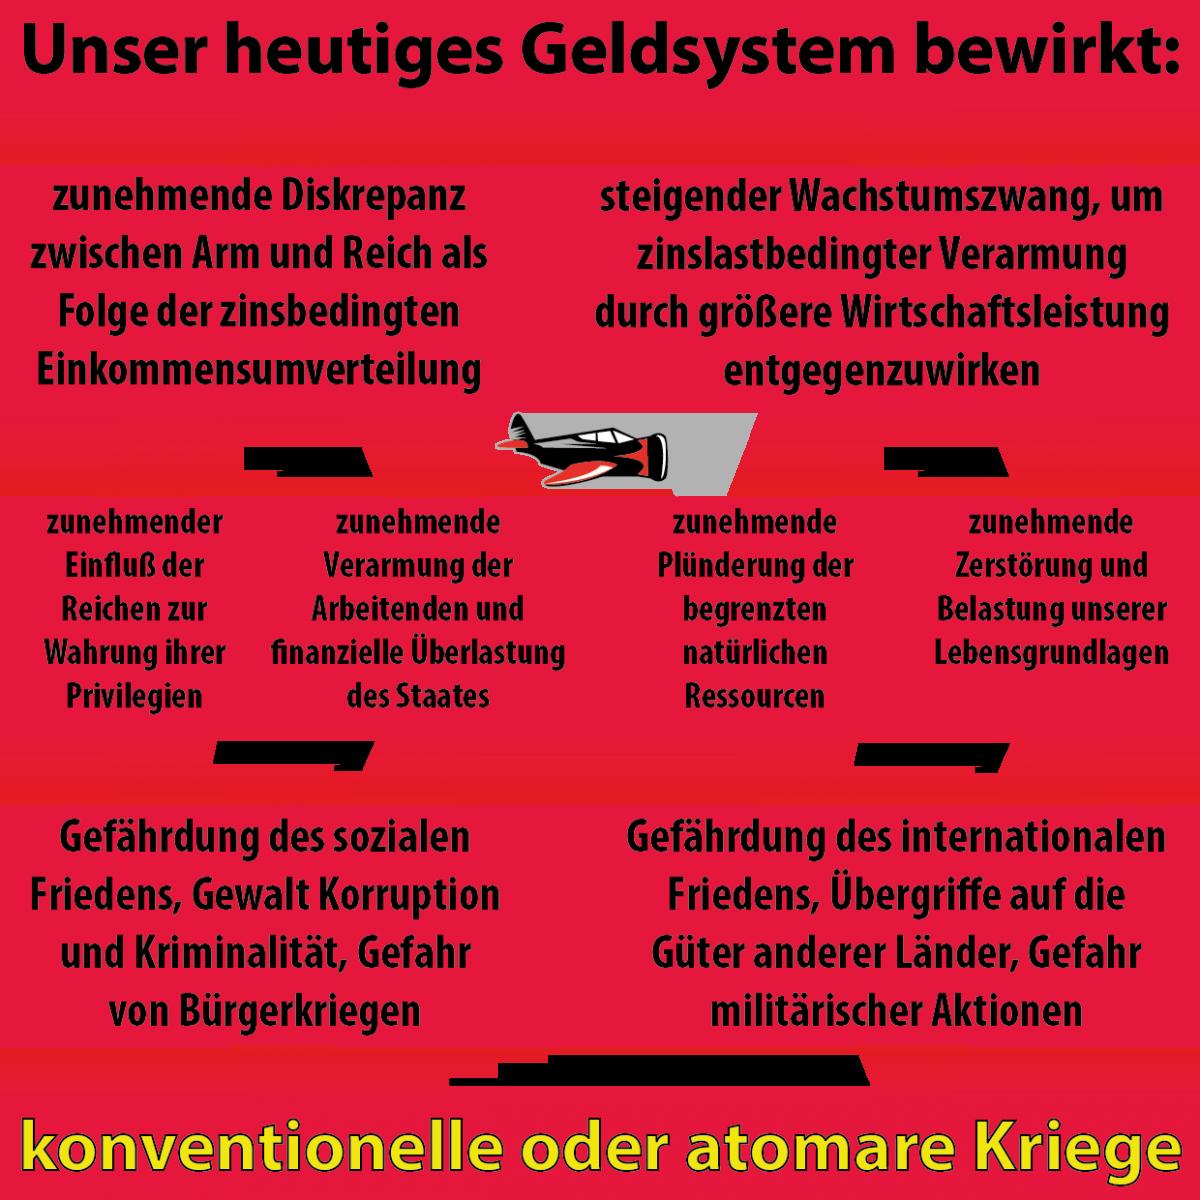 geldsystem_helmut_creutz_verarmung_armut_altersarmut_korruption_kritisches_netzwerk_geldsyndrom_ausbeutung_geldkreislauf_geld_zinsen_zinseszins_kapitalismus_zinseszins.png